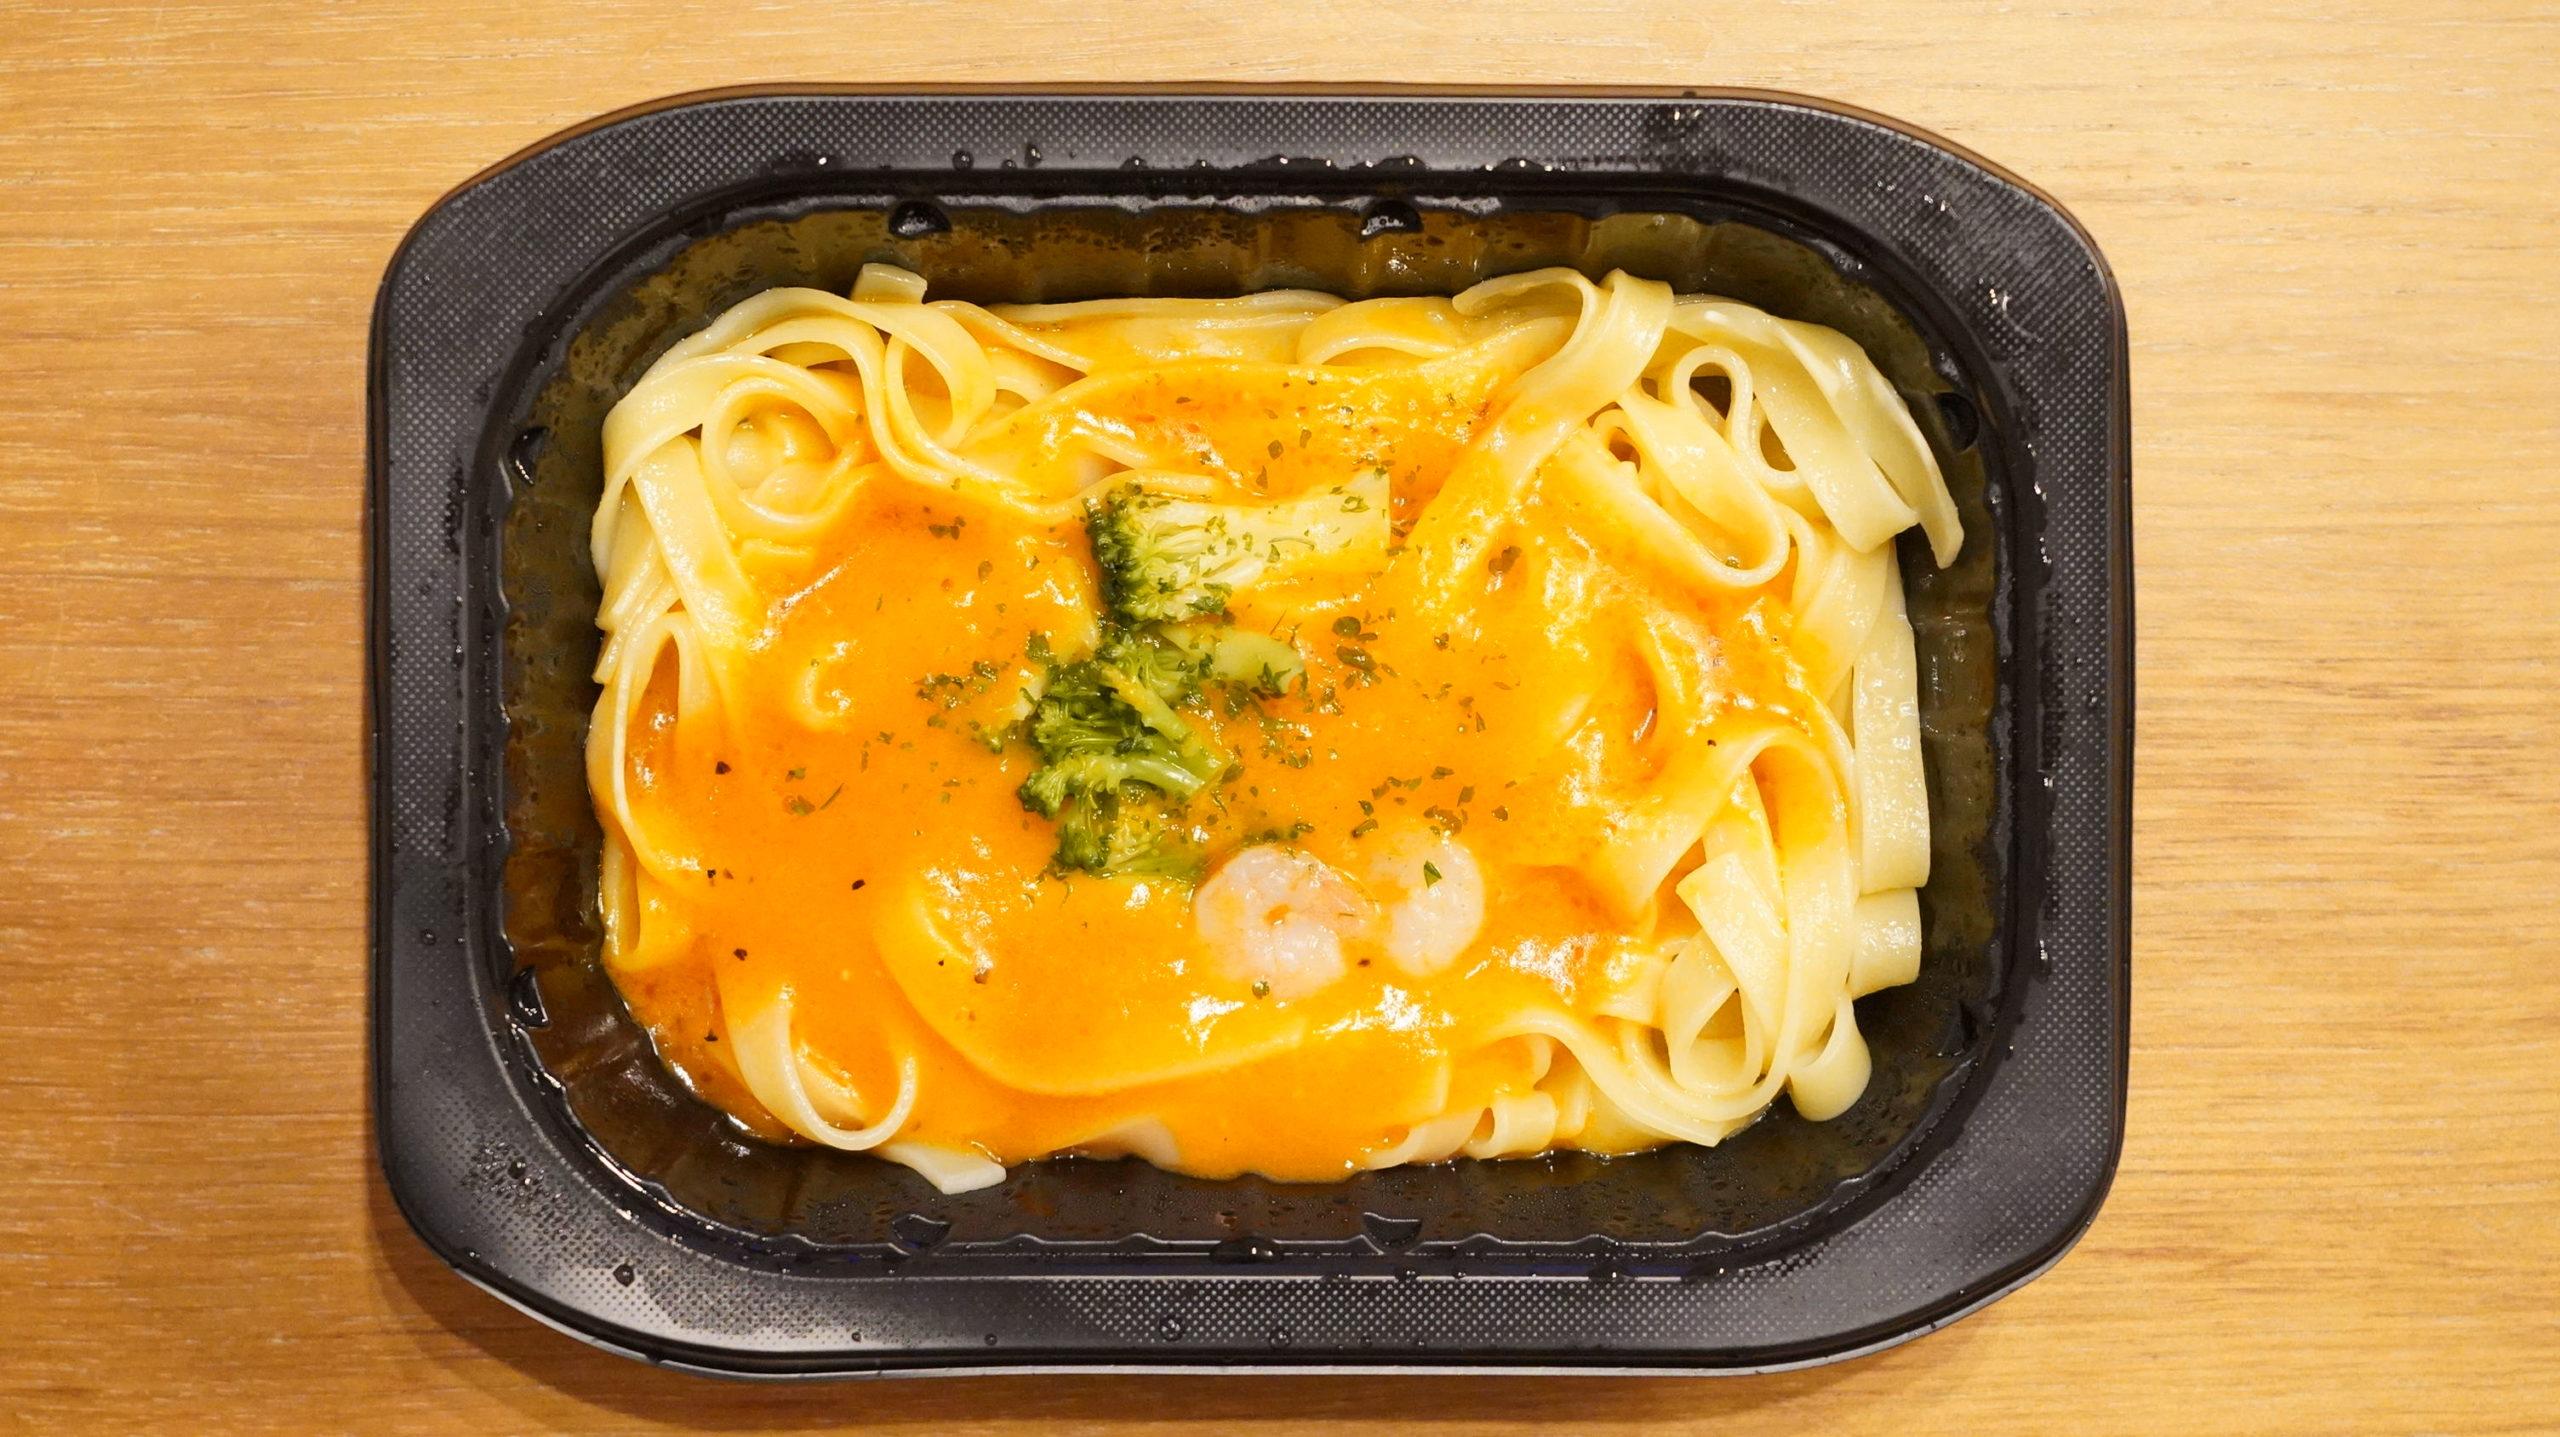 ファミリーマートの冷凍食品「生パスタ旨み豊かな海老トマトクリーム」を上から撮影した写真